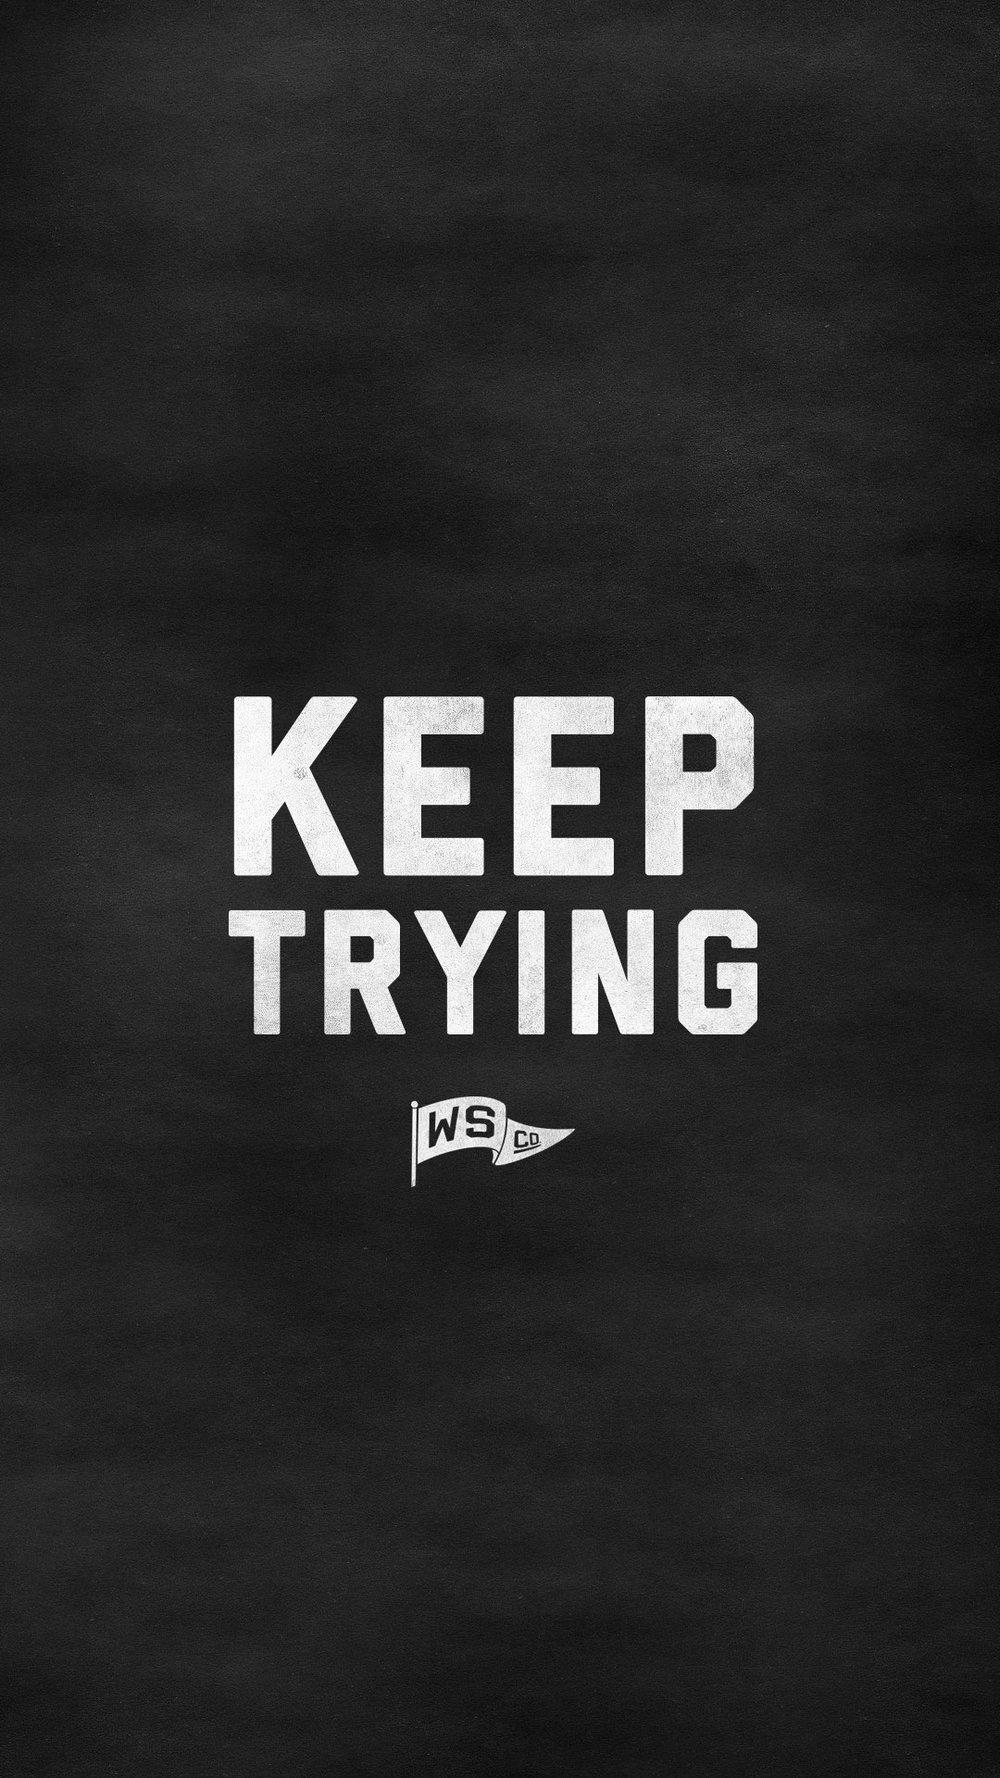 Keeptrying_6SPlus.jpg